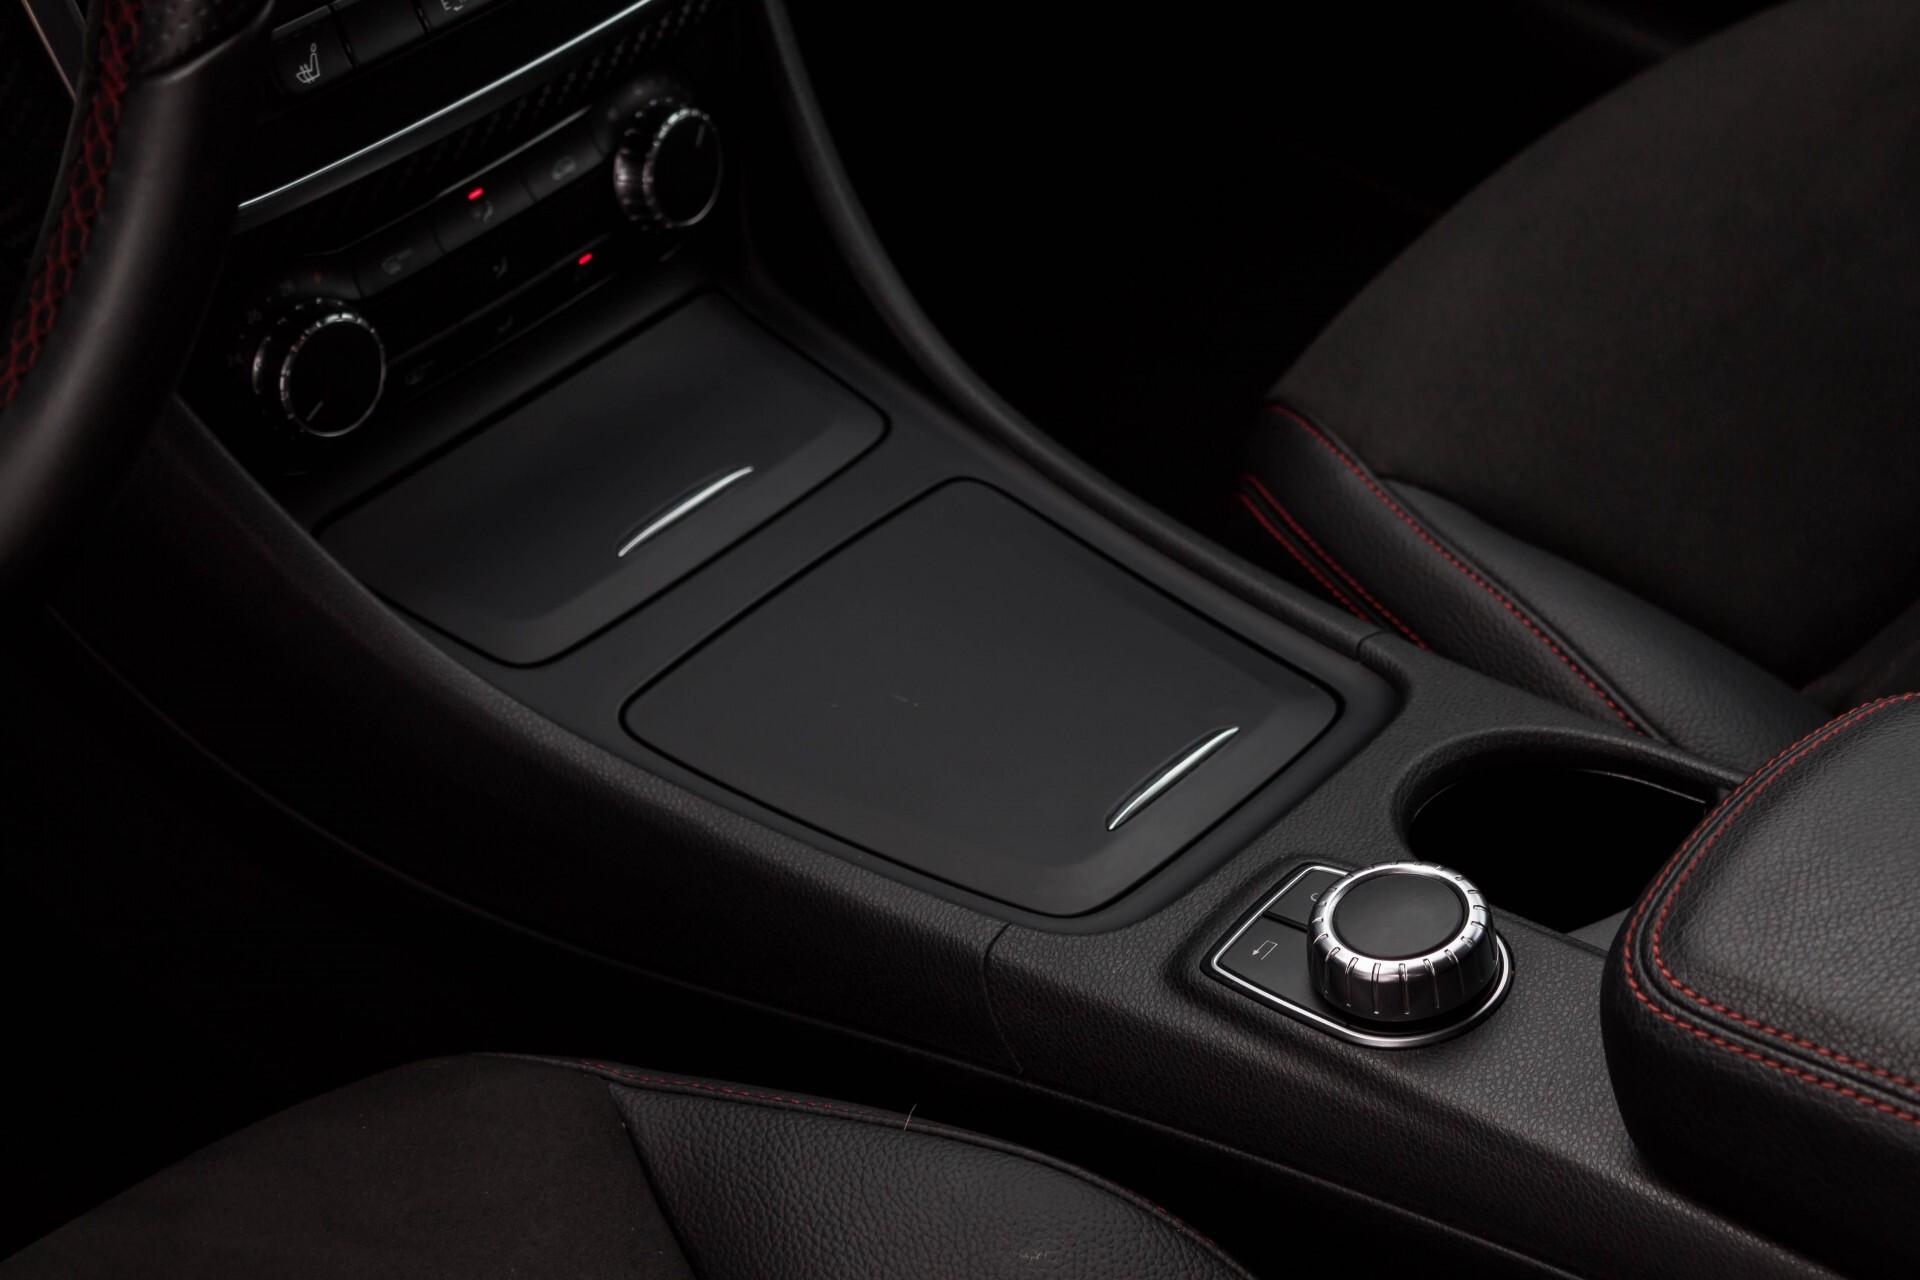 Mercedes-Benz A-Klasse 180 Cdi AMG Panorama Bi-xenon/Navi/PTS Aut7 Foto 22